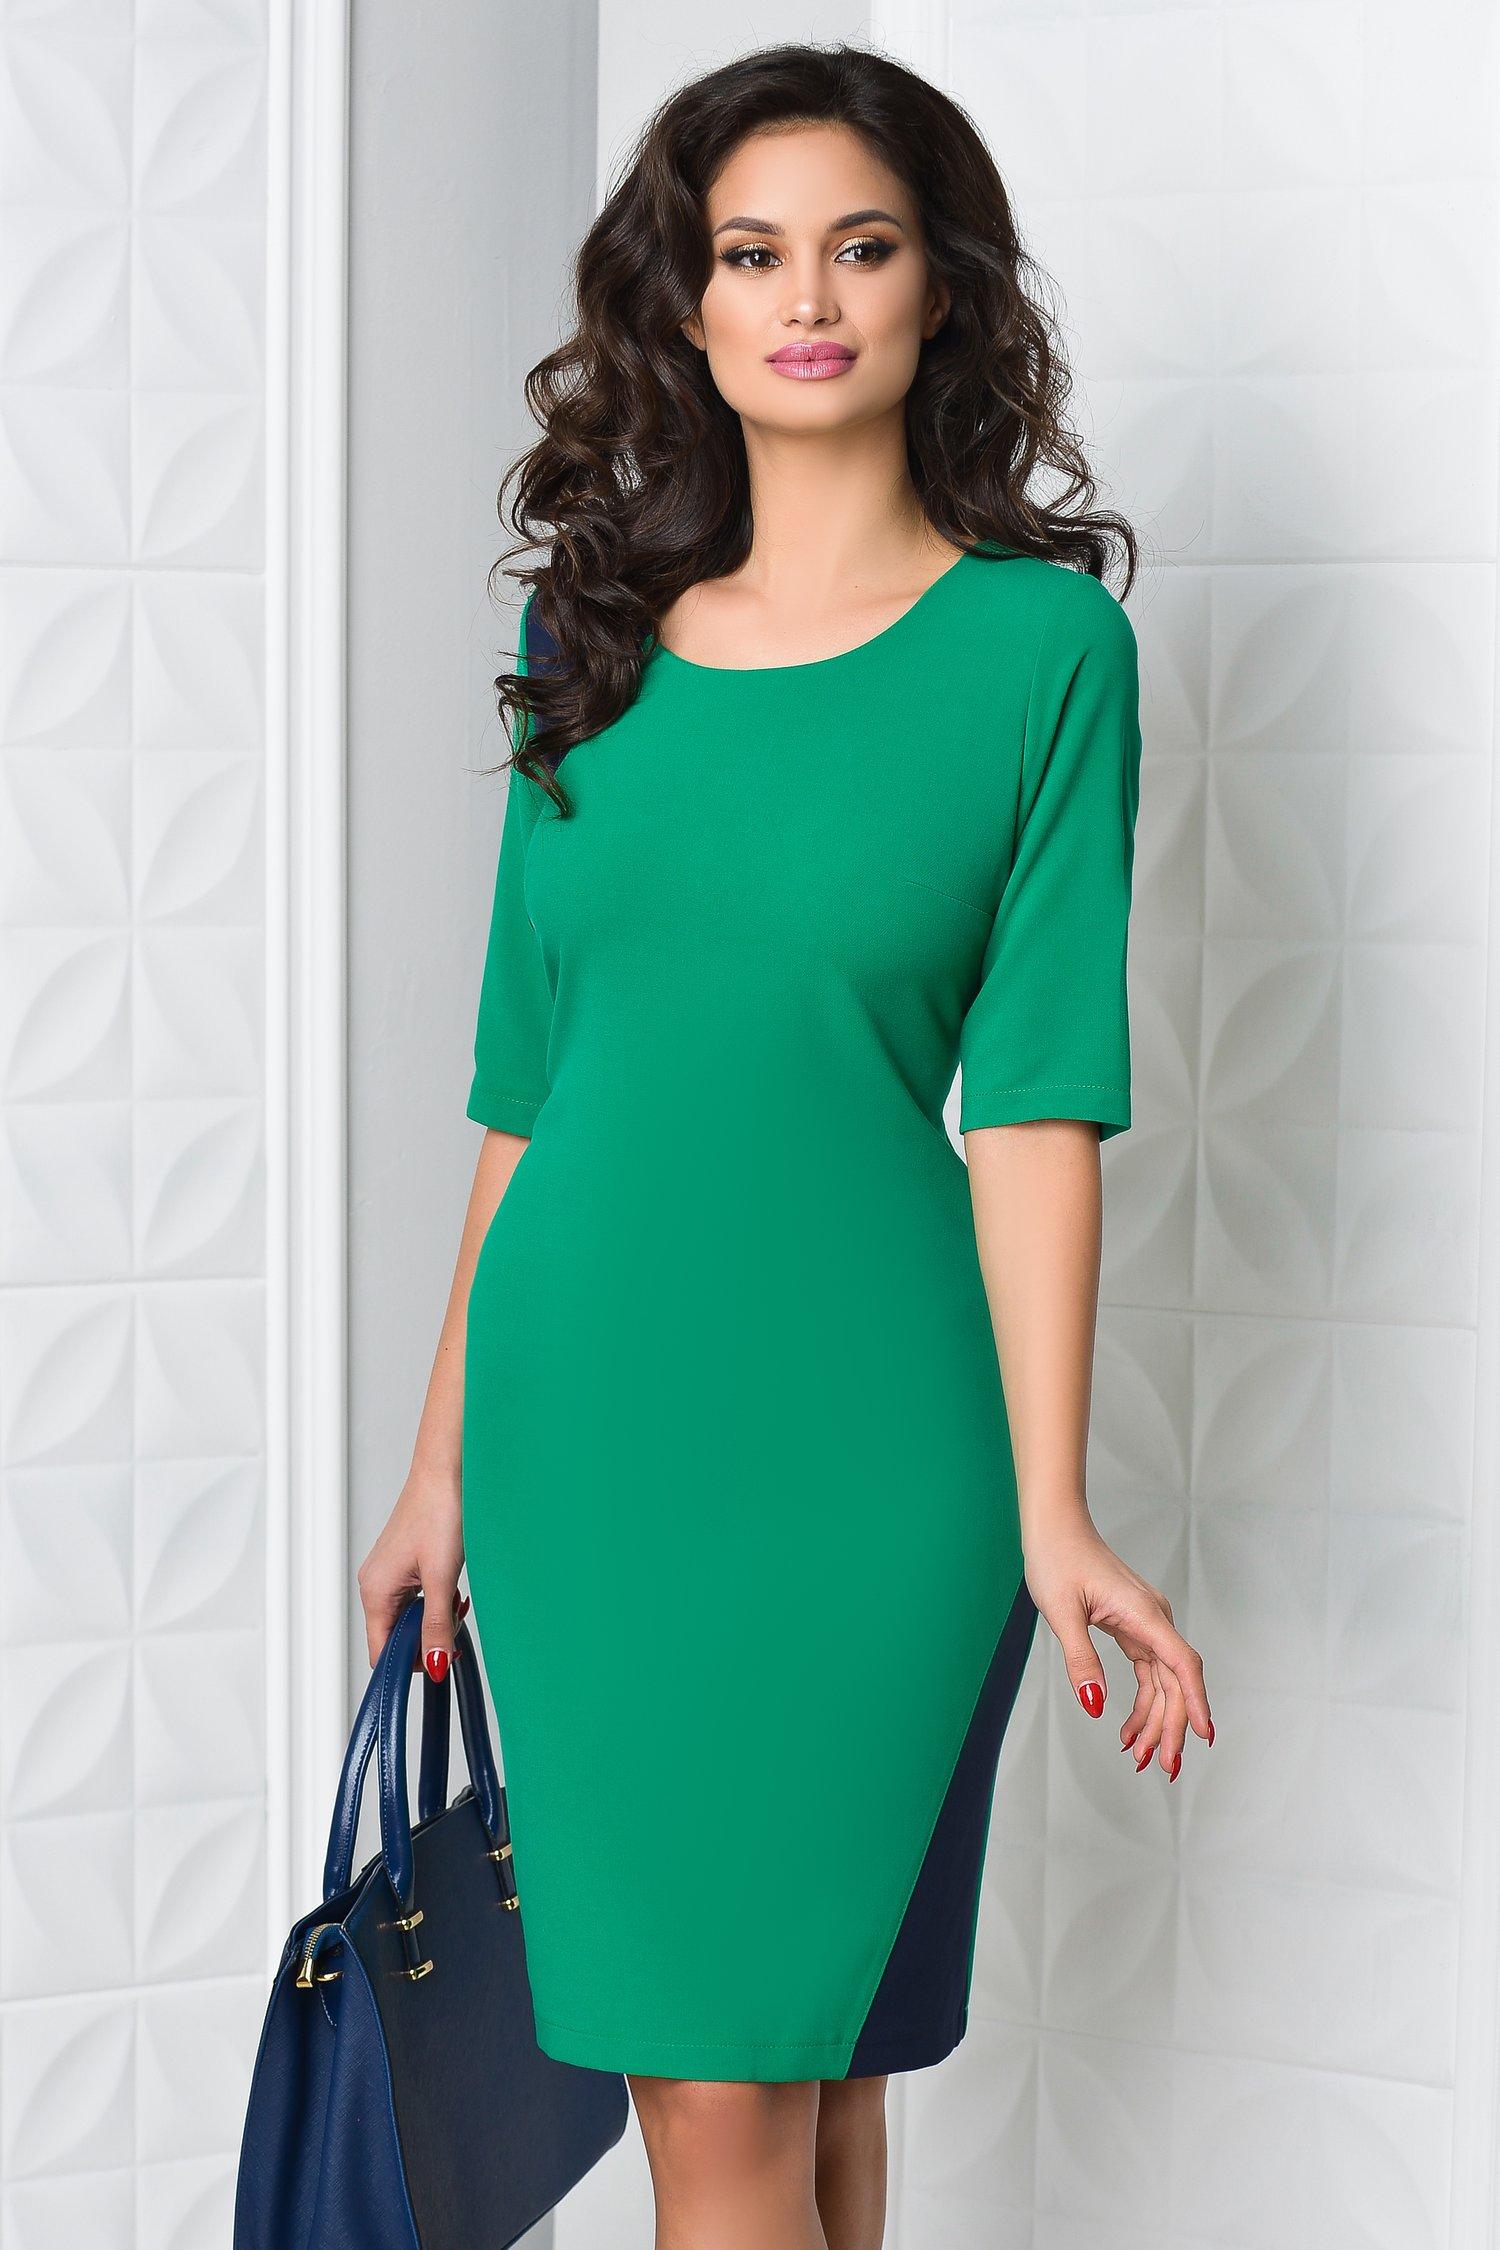 Rochie Miruna verde office eleganta